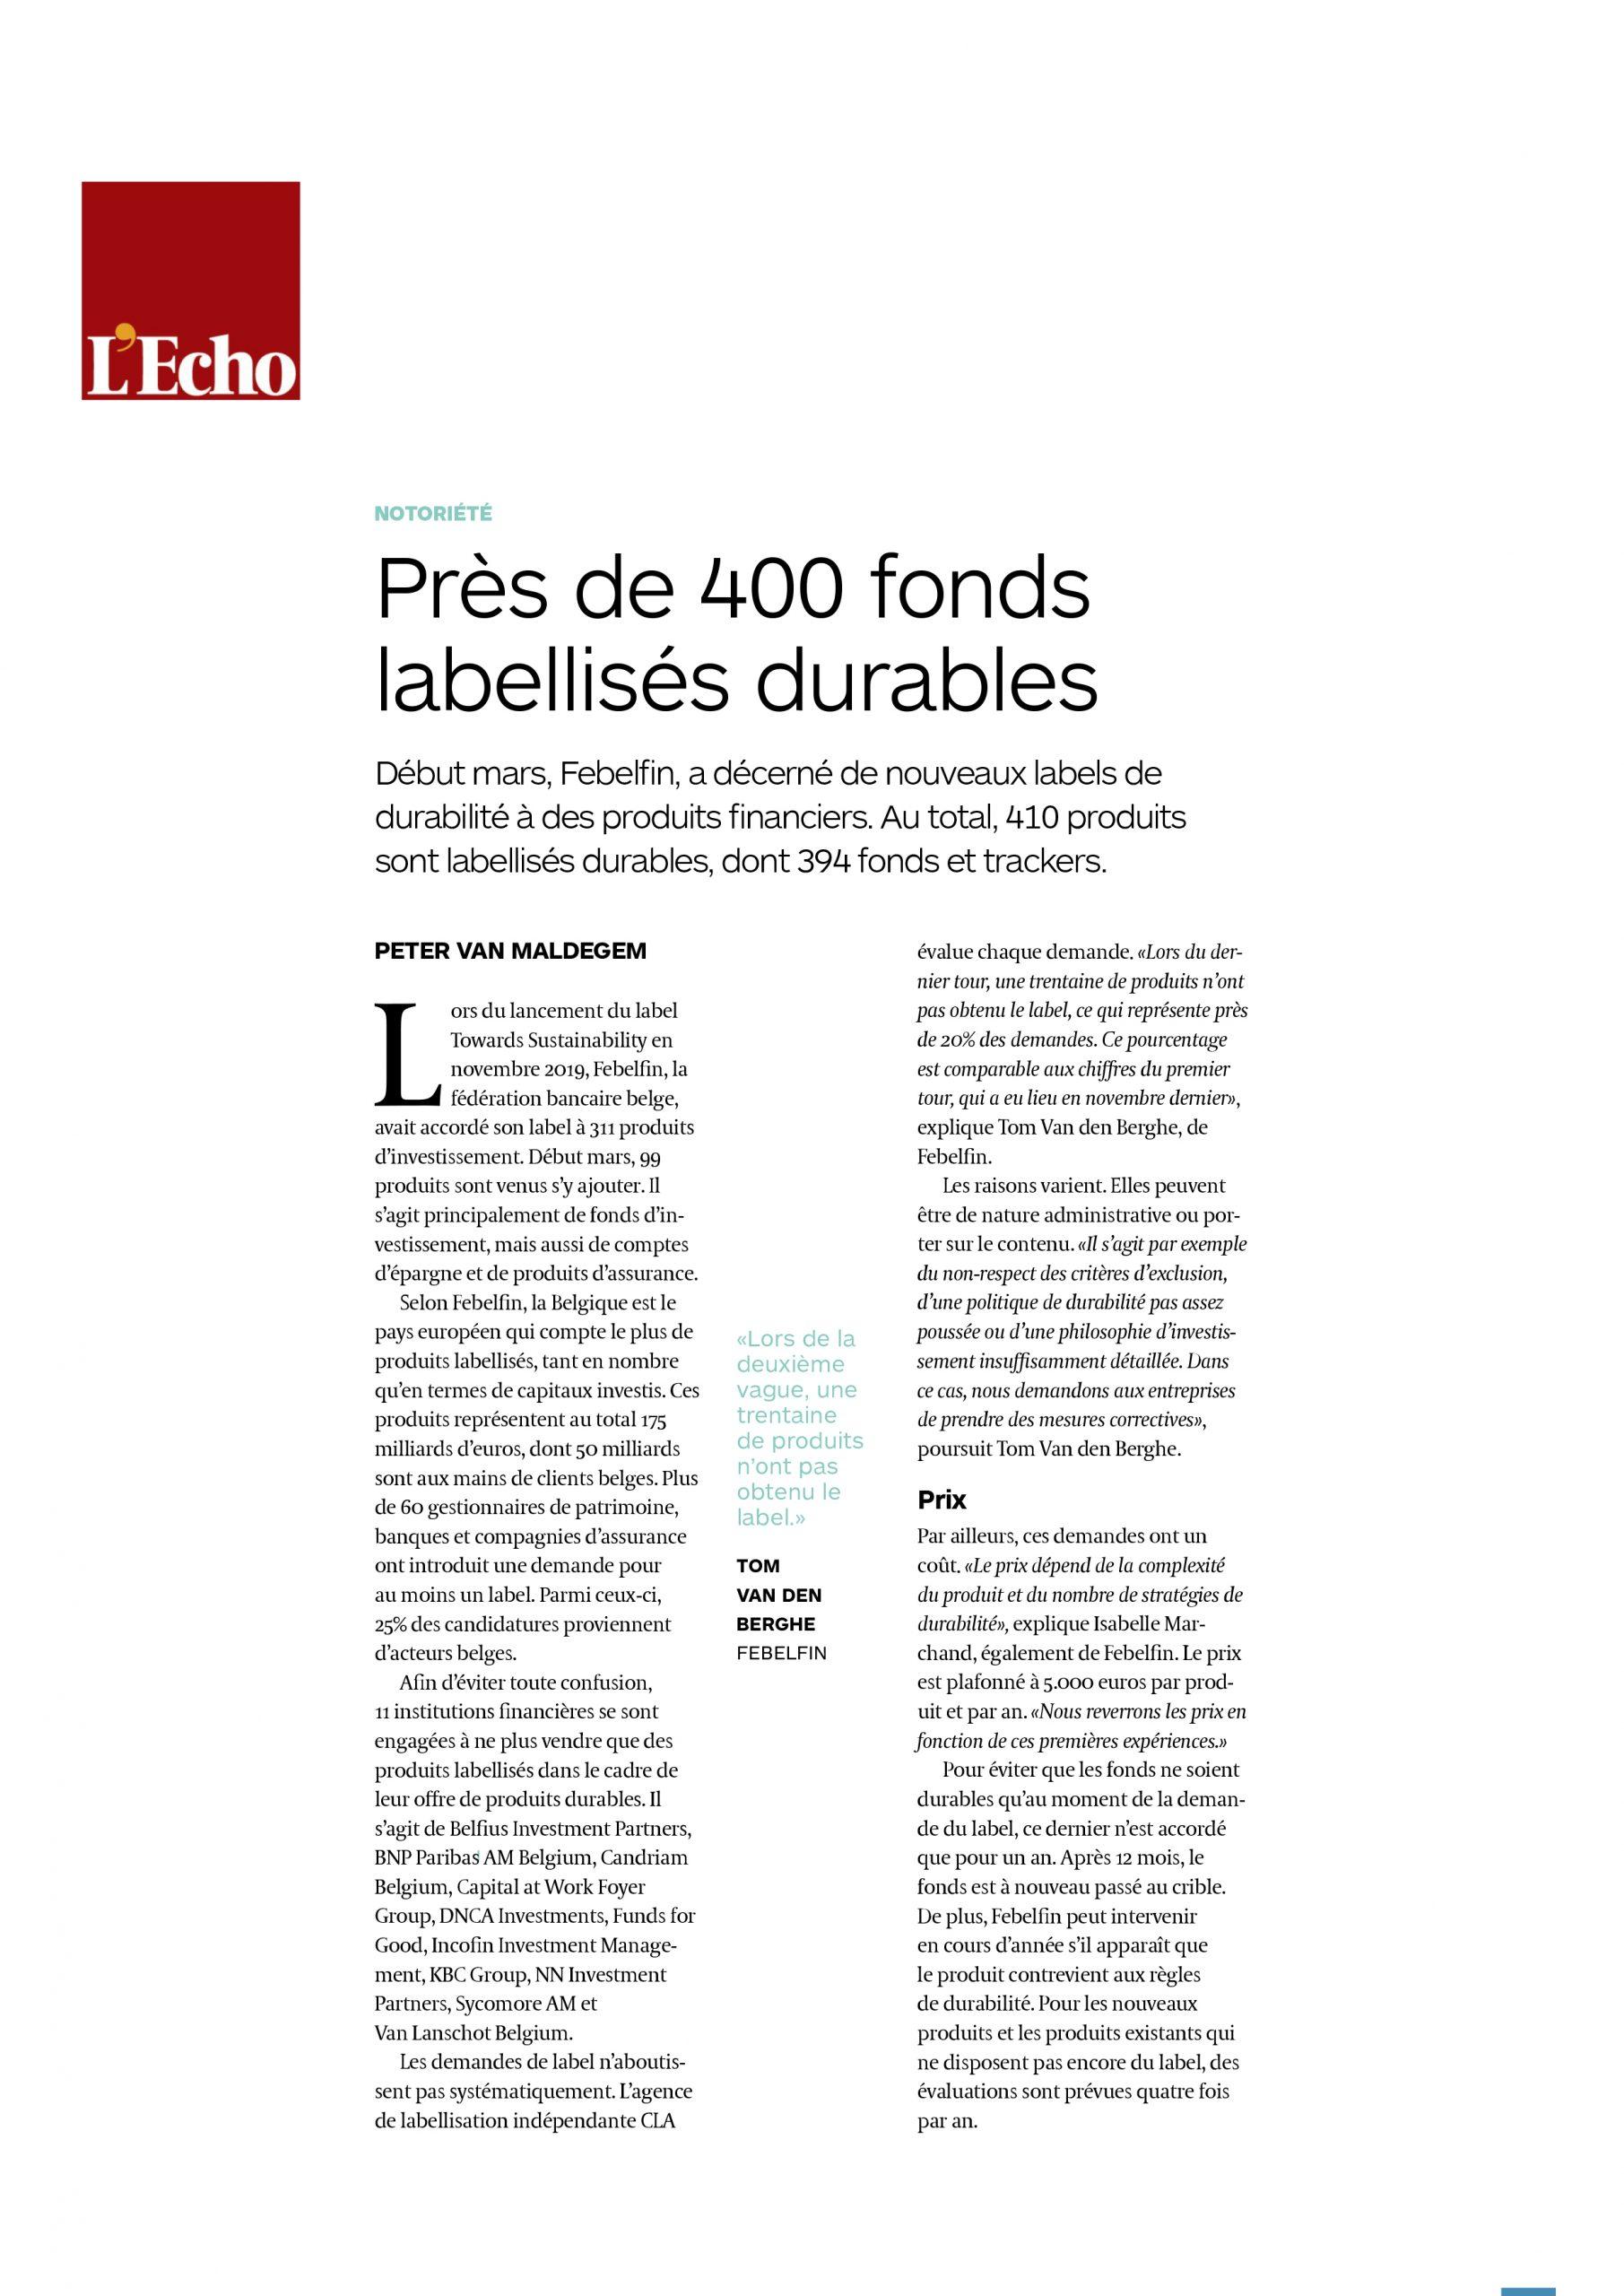 new_20200327-fonds-lecho-pres-de-400-fonds-labellises-durables